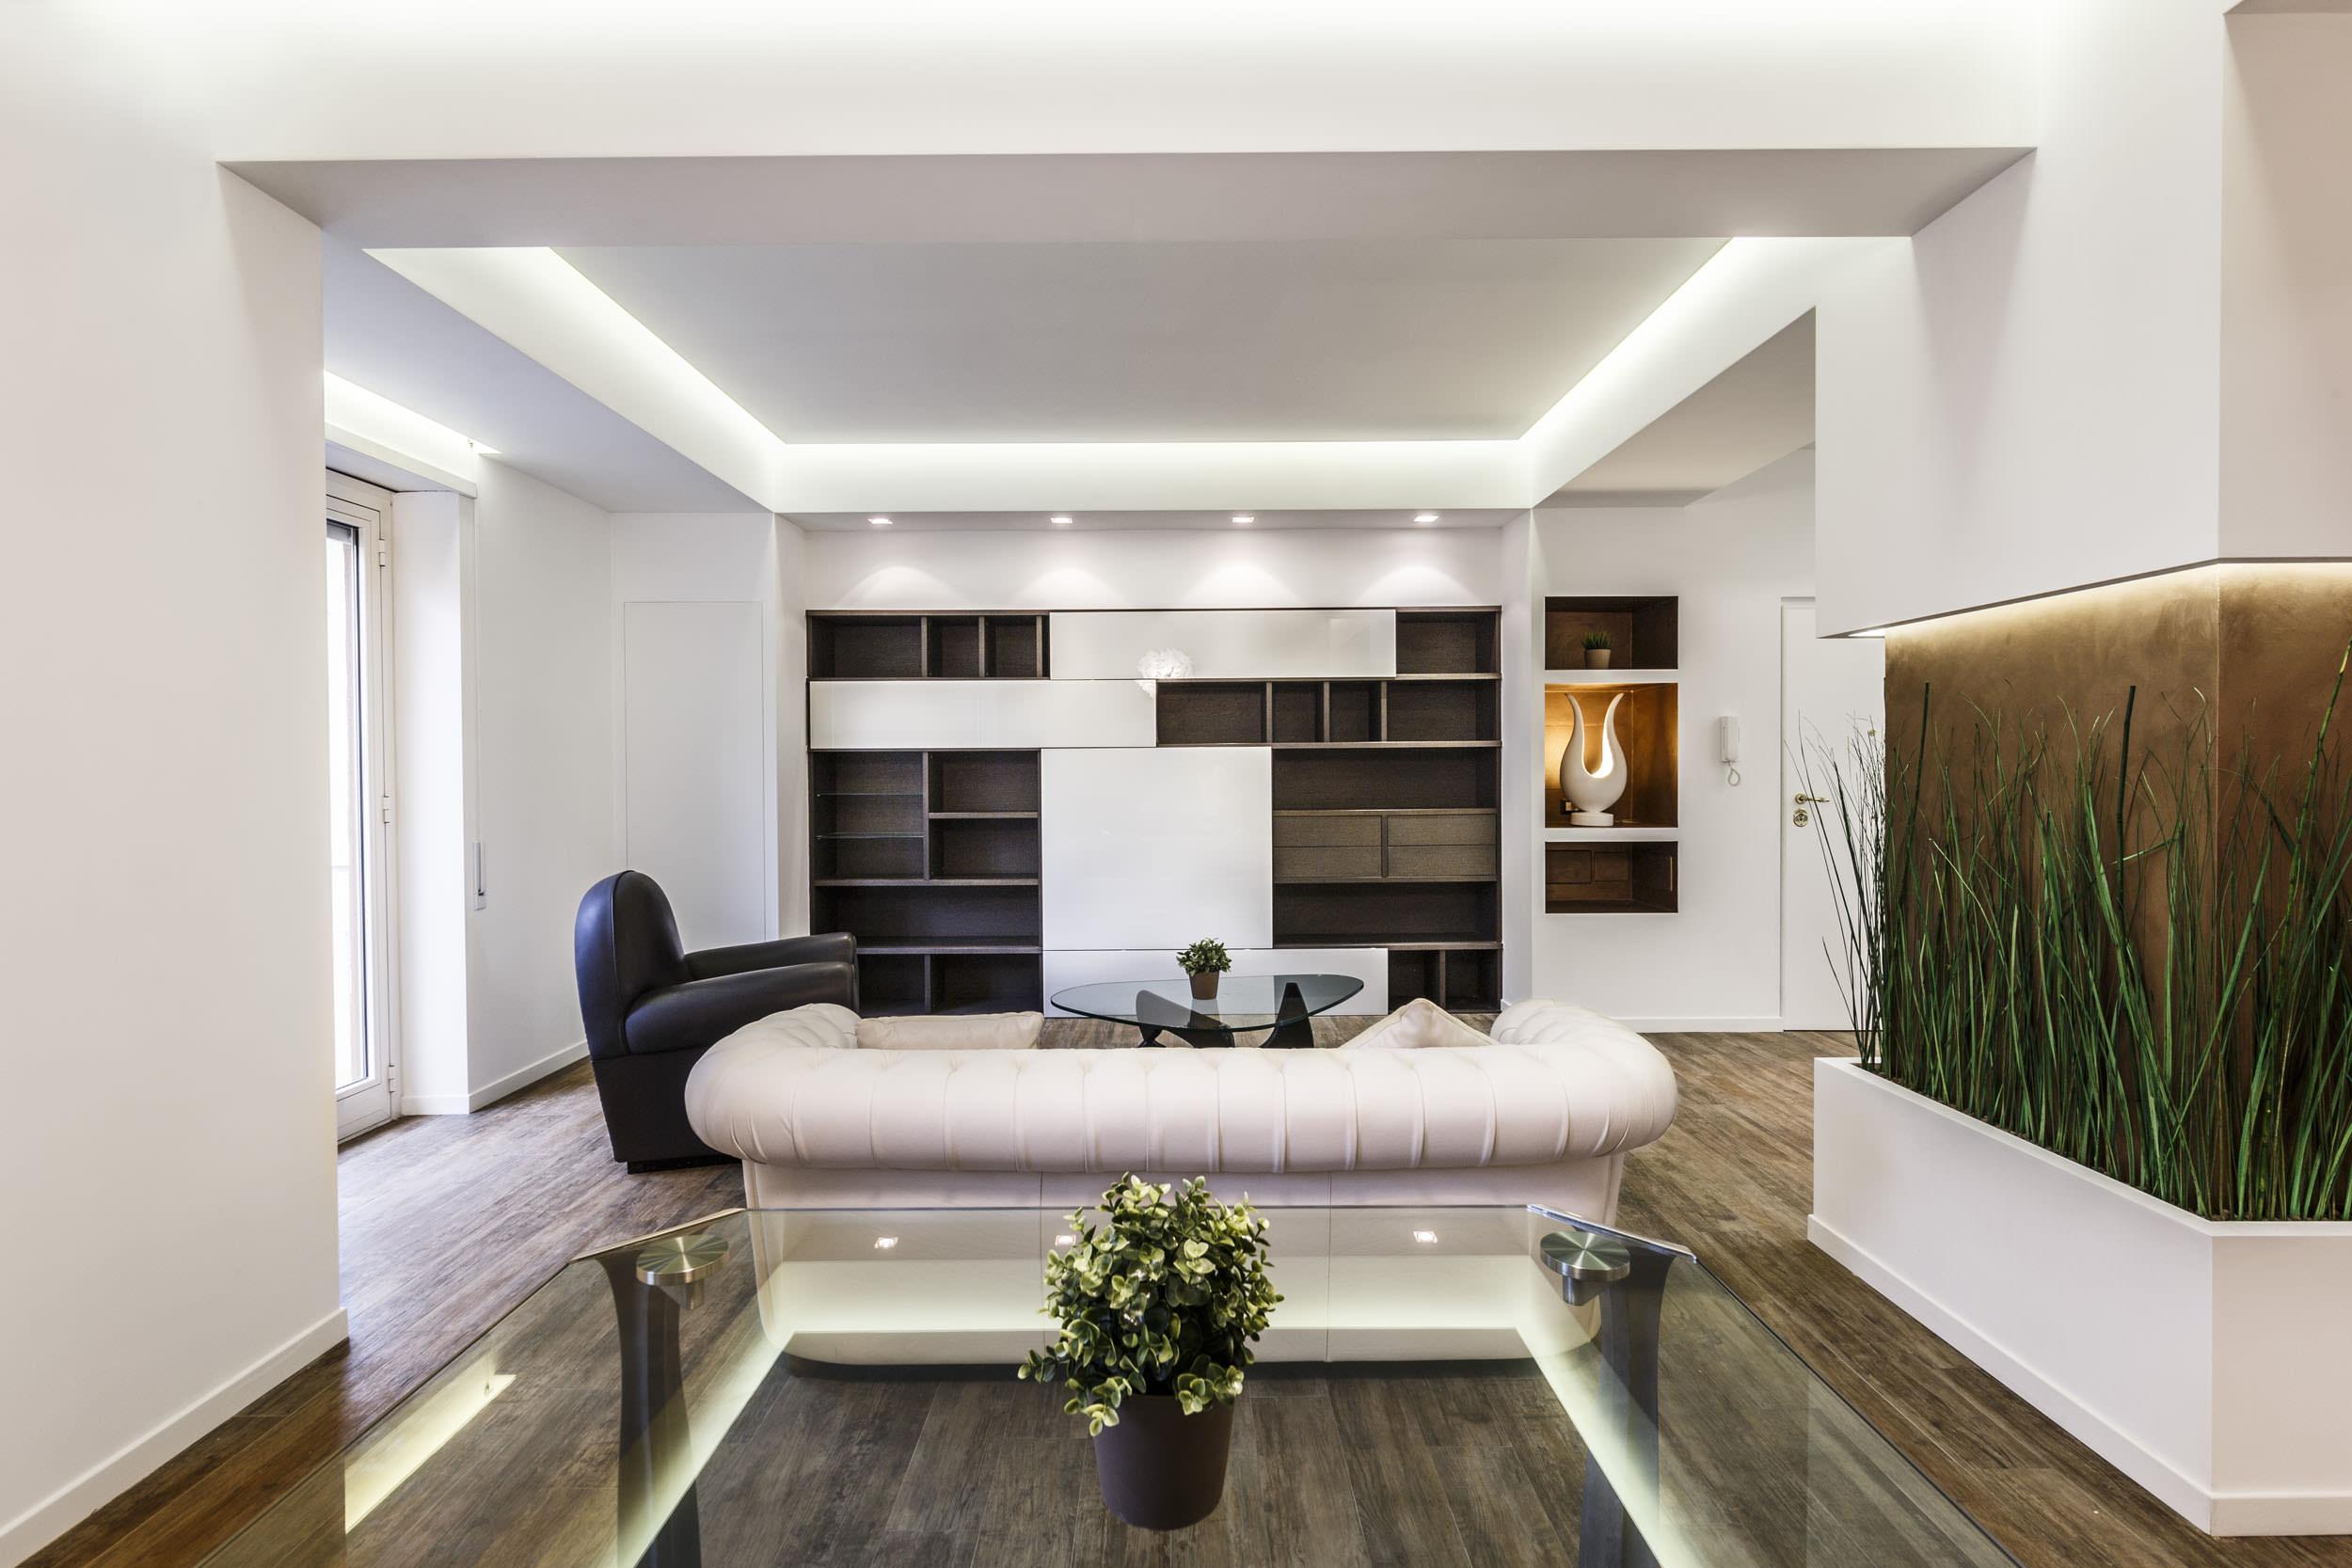 moderen-italianski-apartament-s-izobilie-ot-zelenina-3g